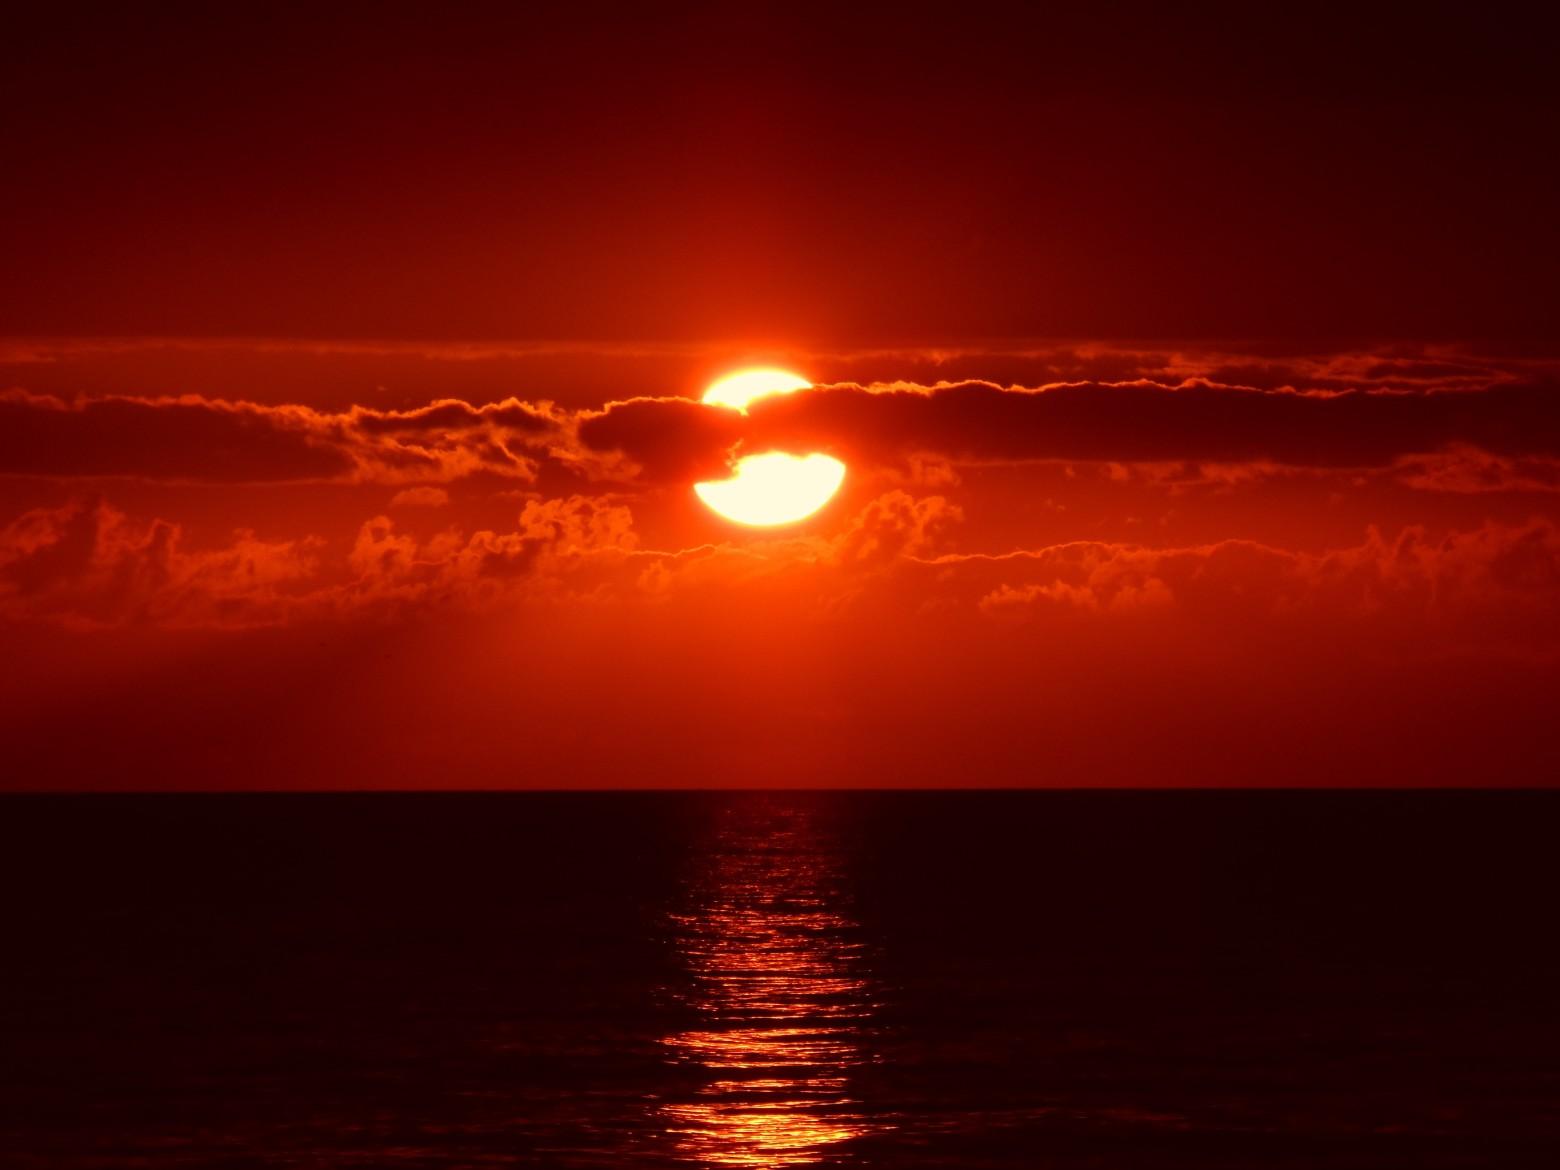 Beau coucher de soleil rouge images gratuites et libres - Soleil rouge aubagne ...